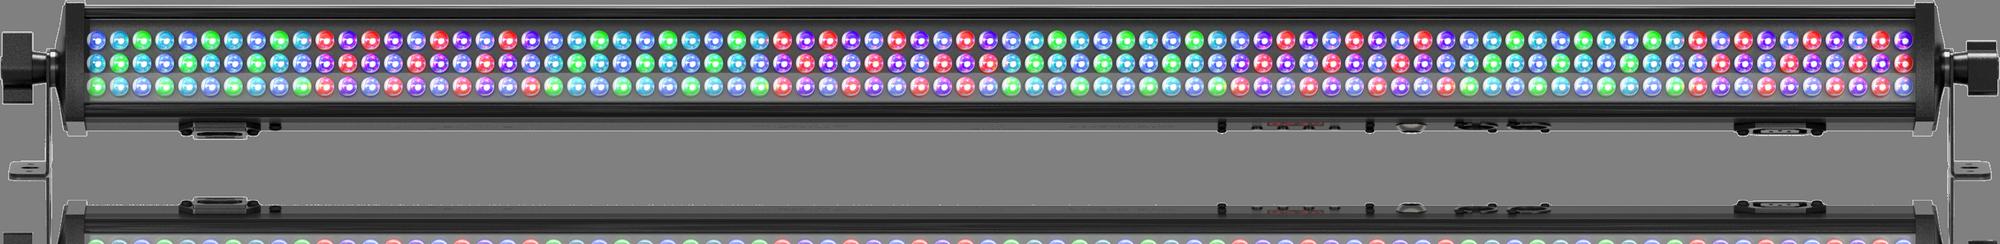 Behringer - X2C - CREA LED FLOODLIGHT BAR 240-8 RGB-UK